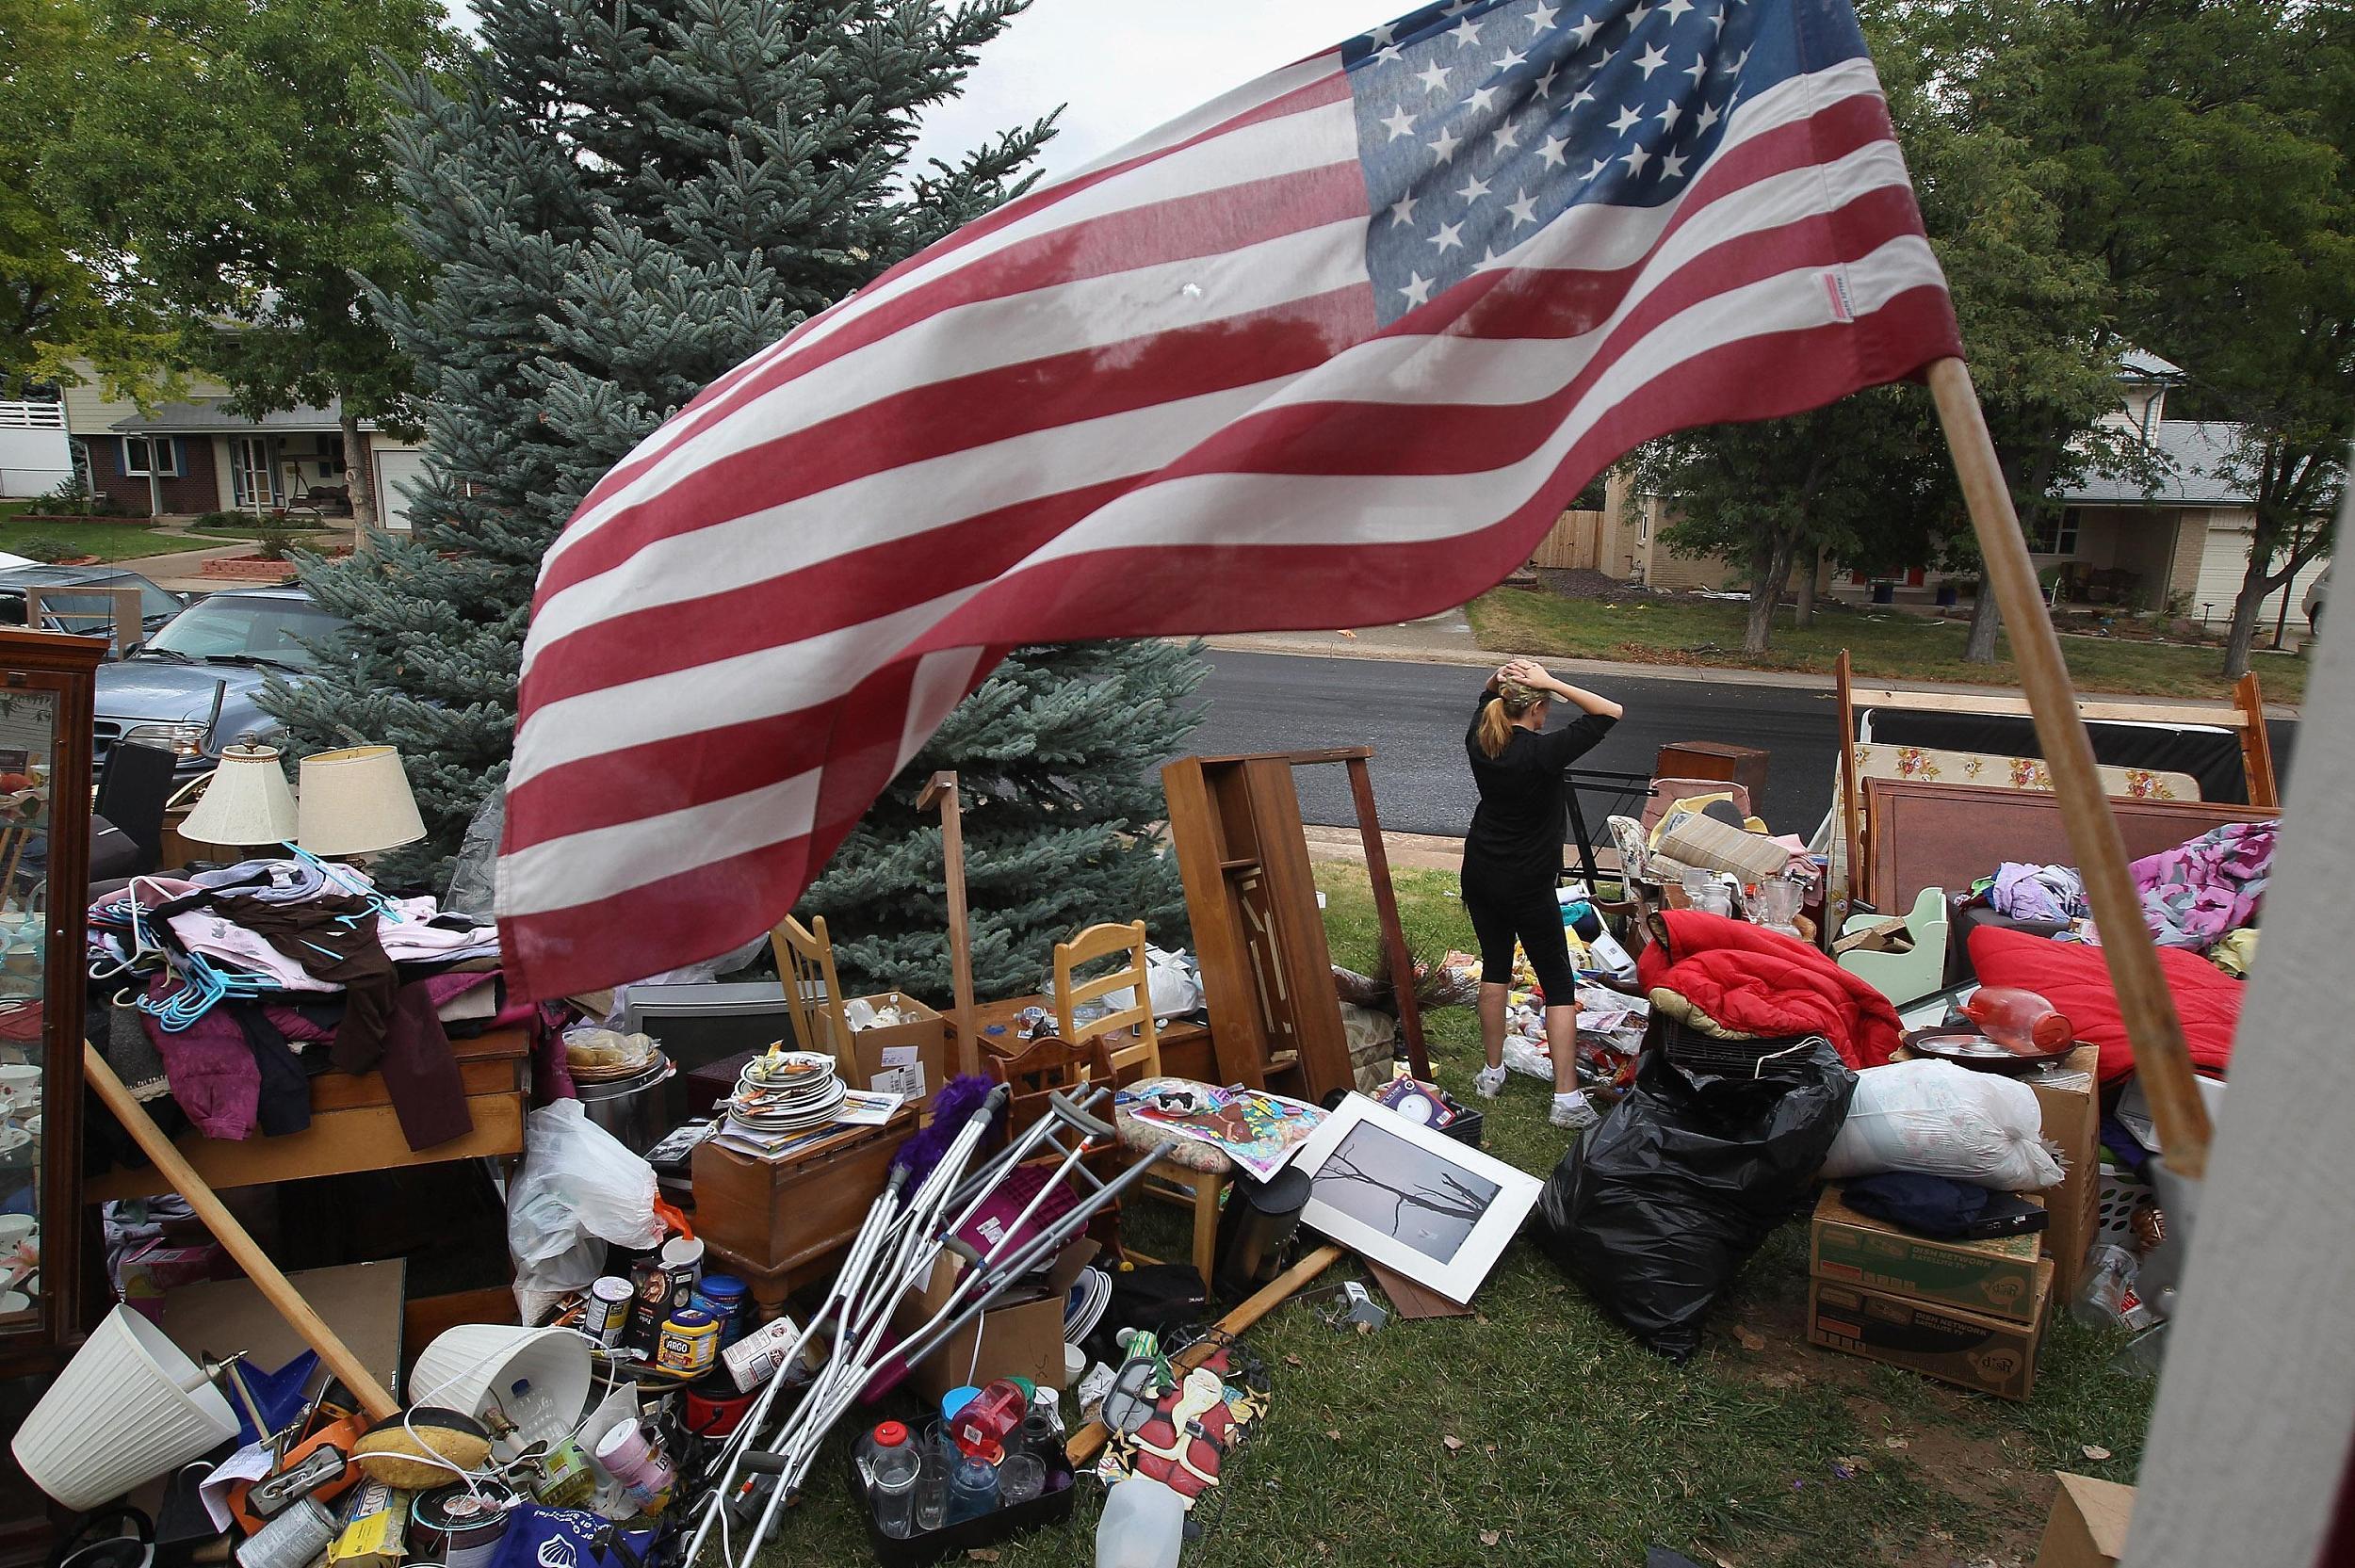 2011年9月15日,一个五口之家因租金不足被驱逐。(图/VCG)